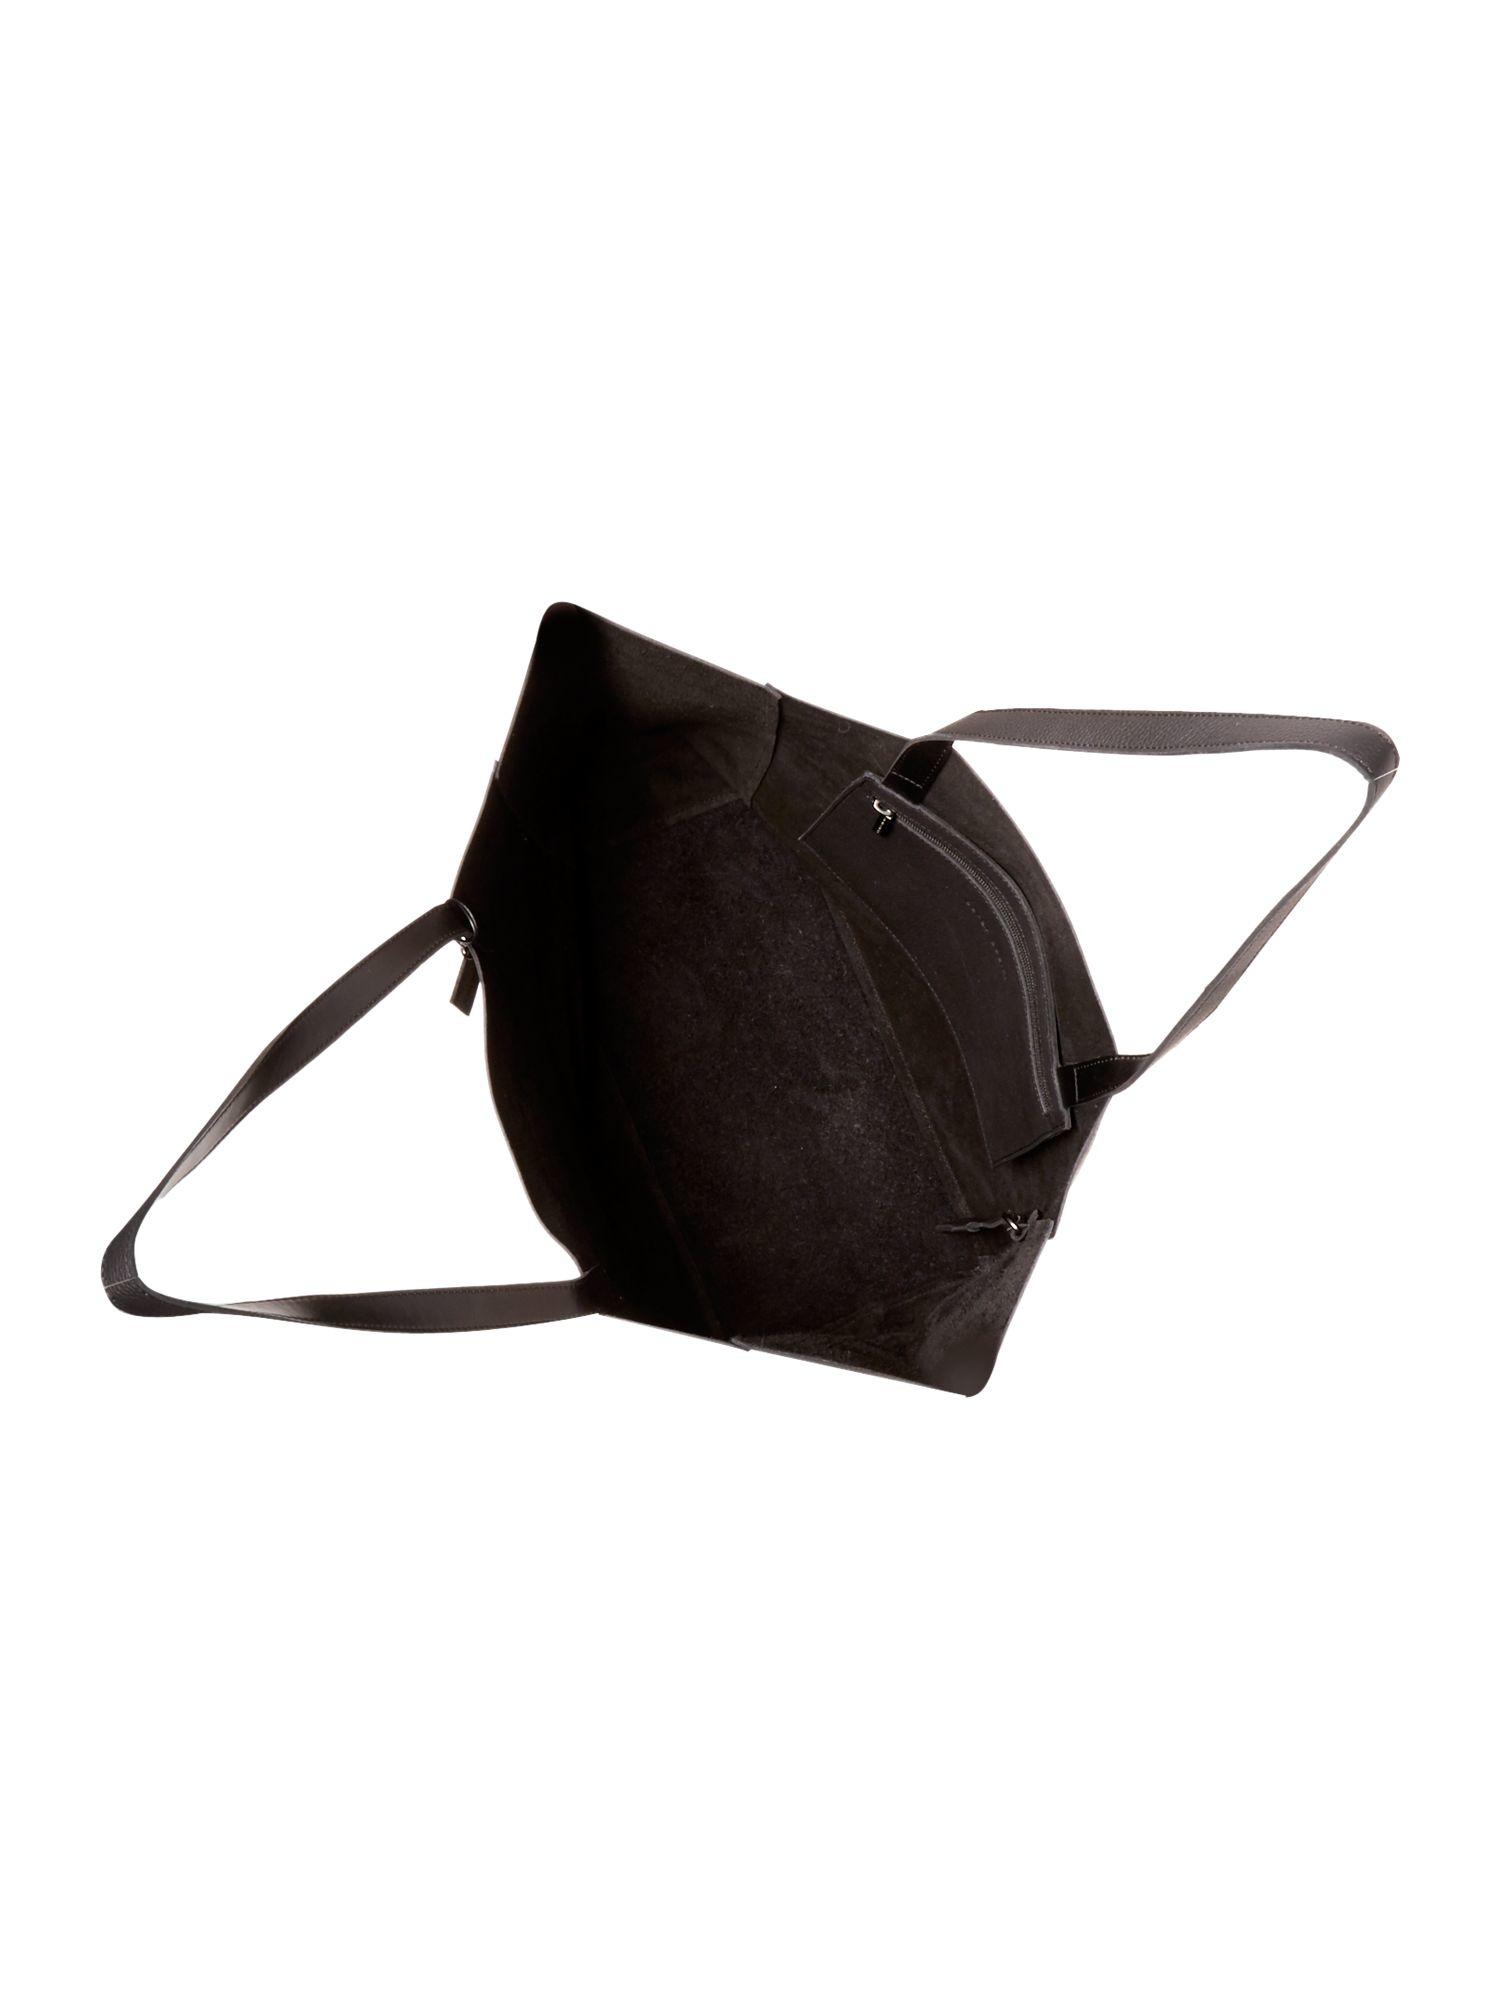 Sarah Pacini Leather Large Tote Bag in Black